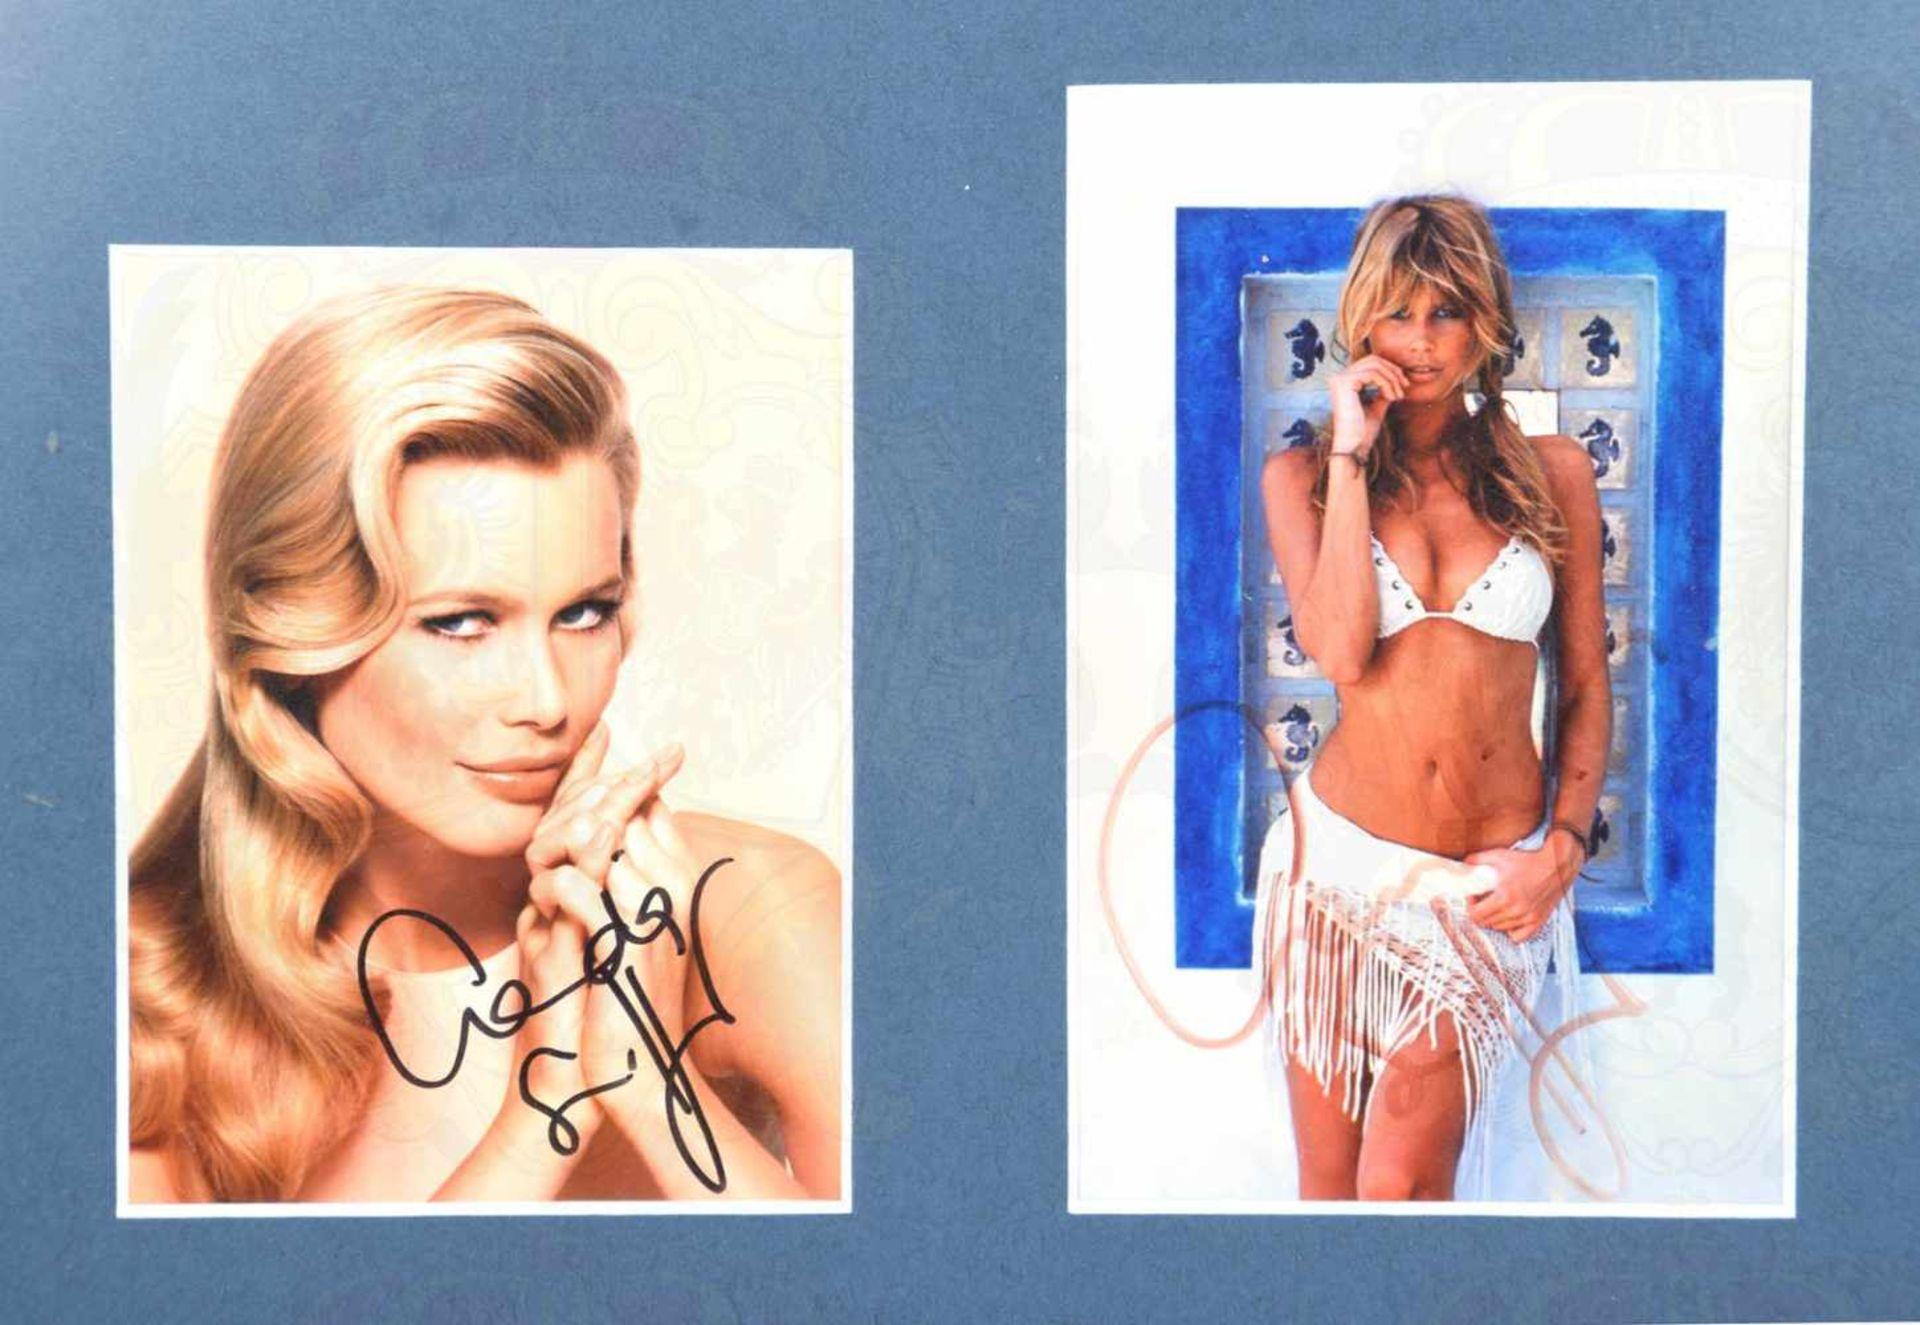 SCHIFFER, CLAUDIA, (1970), dt. Fotomodell u. Schauspielerin, 2 Fotos m. OU, Portr. im 3/4-Profil - Bild 2 aus 2